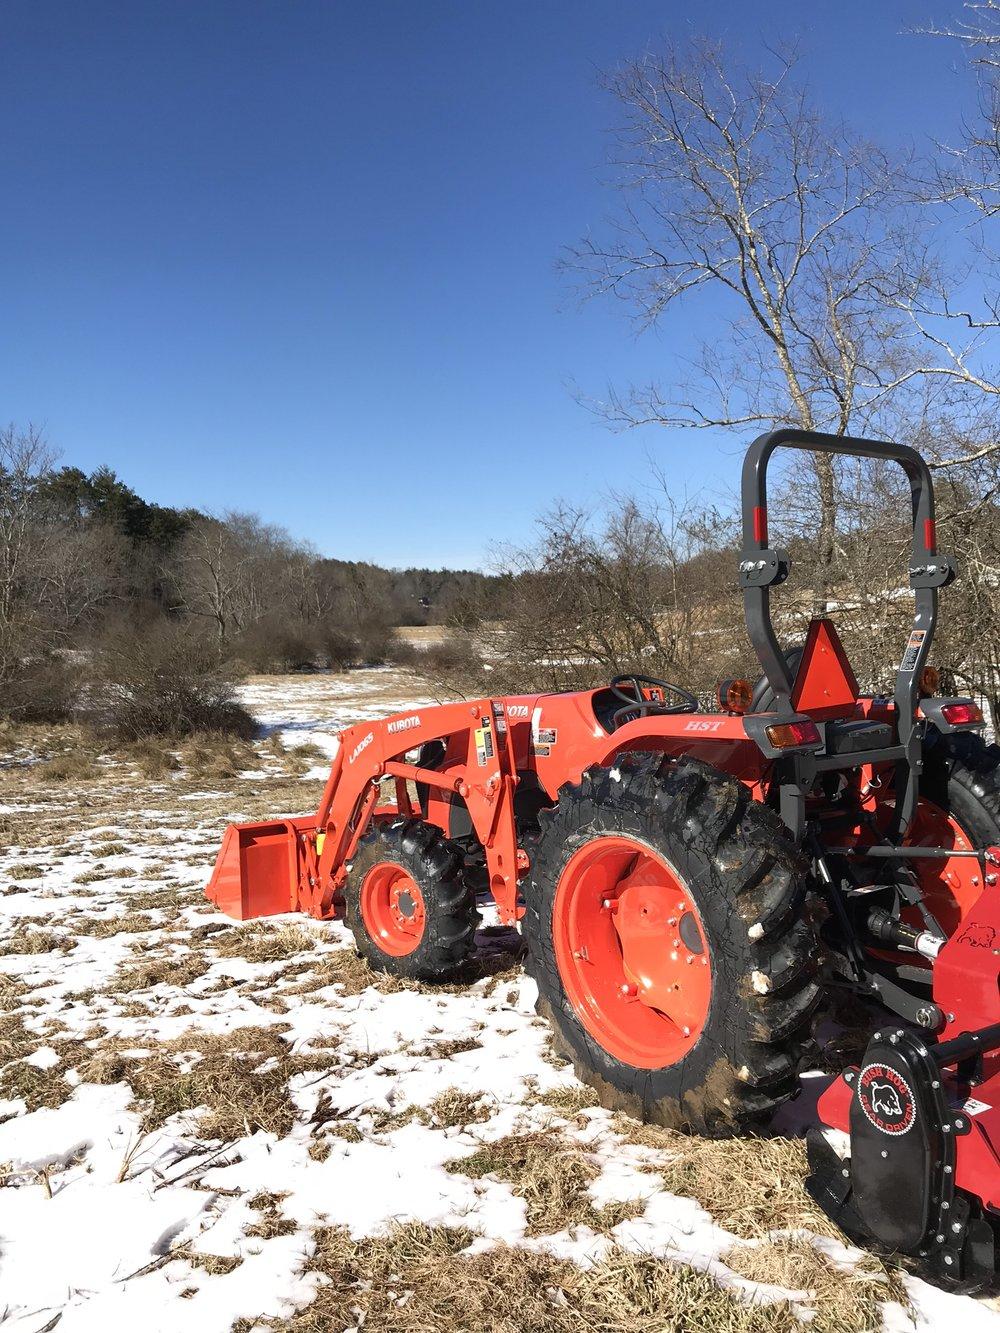 New Kubota Tractor